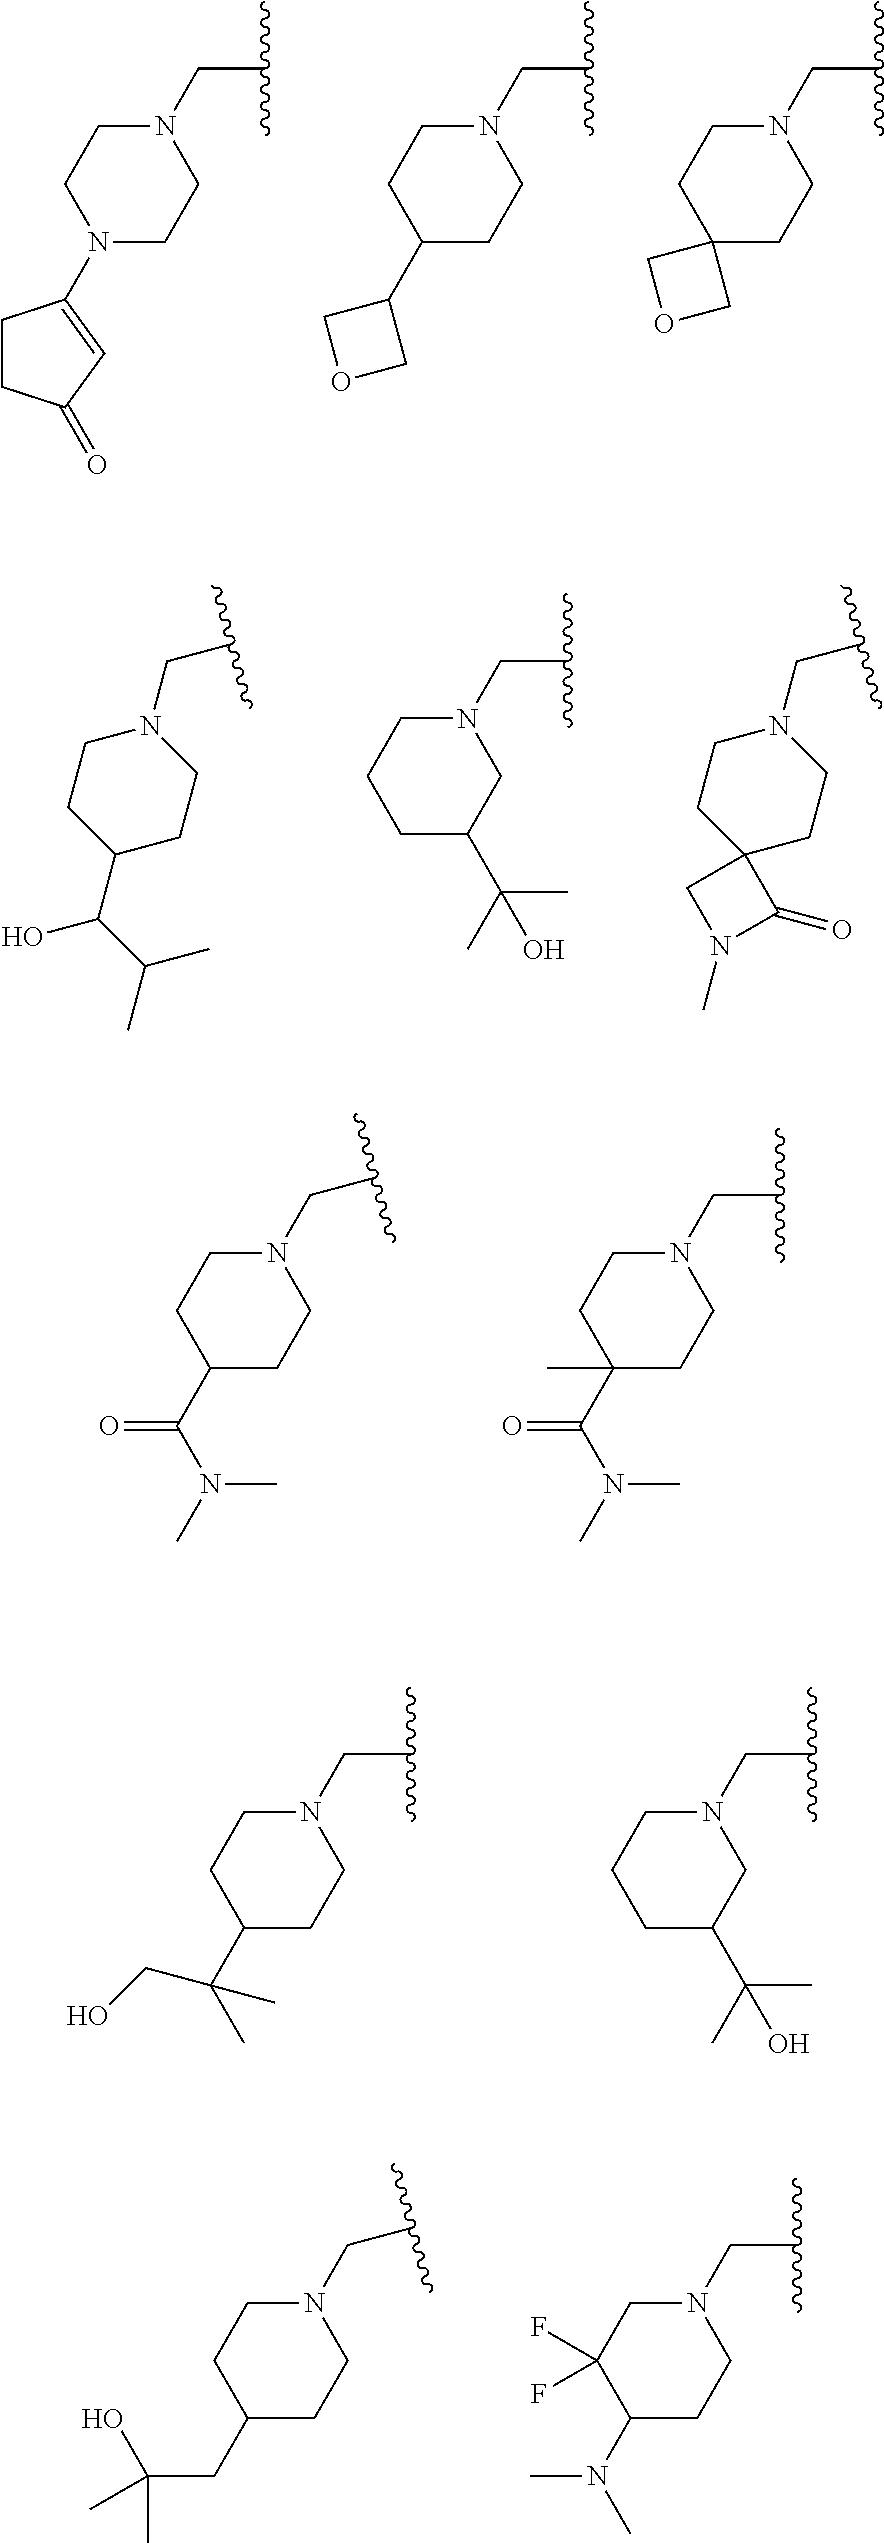 Figure US08173650-20120508-C00026